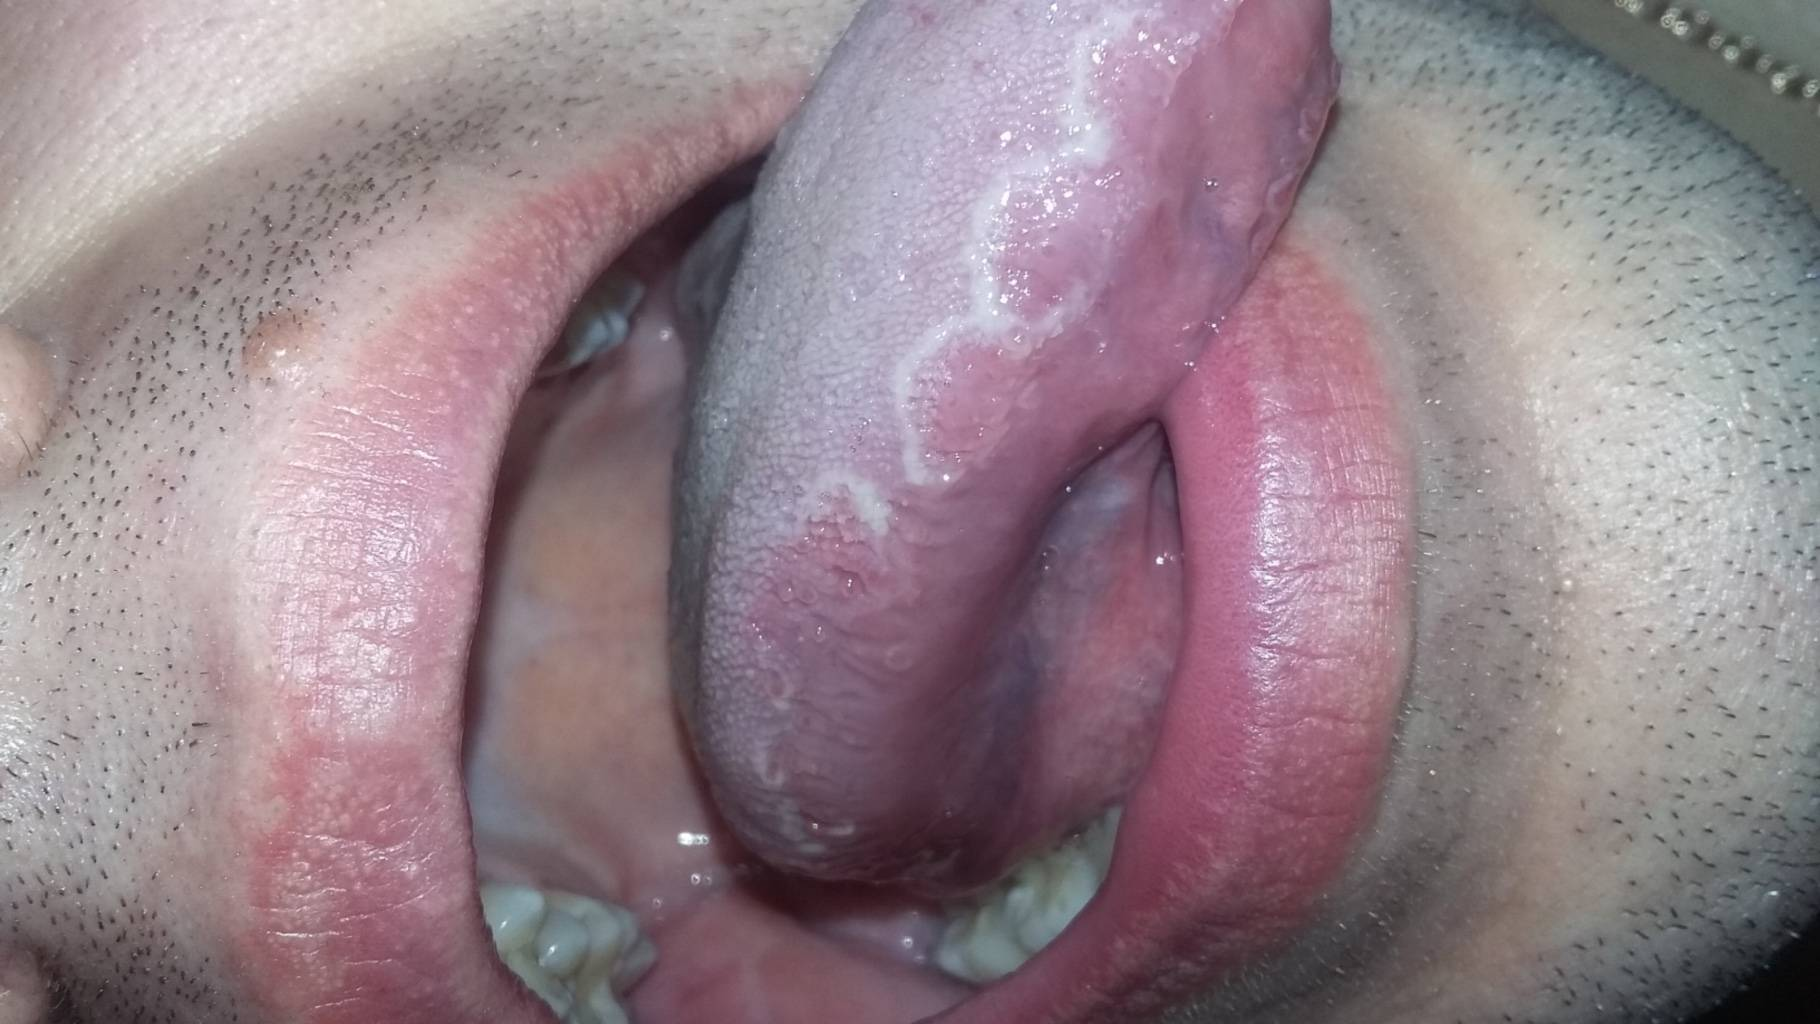 Грибок в уголках губ под названием молочница или кандидоз: симптомы и лечение белого налета у взрослых